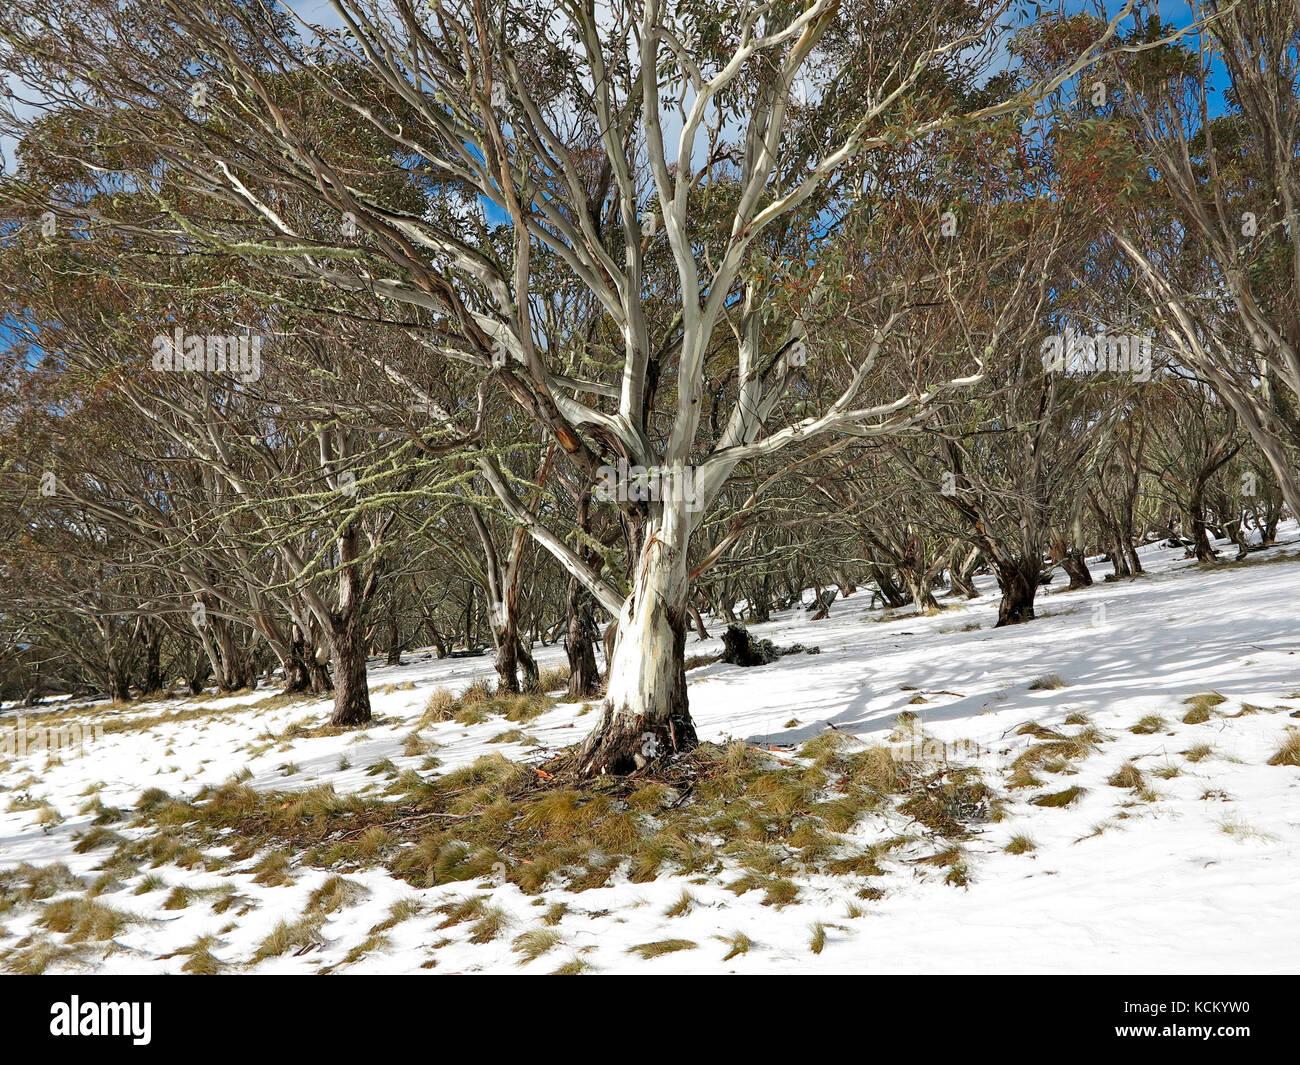 Snow gum (Eucalyptus pauciflora) in alpine woodland. Mount Hotham, Victorian Alps, Victoria, Australia - Stock Image